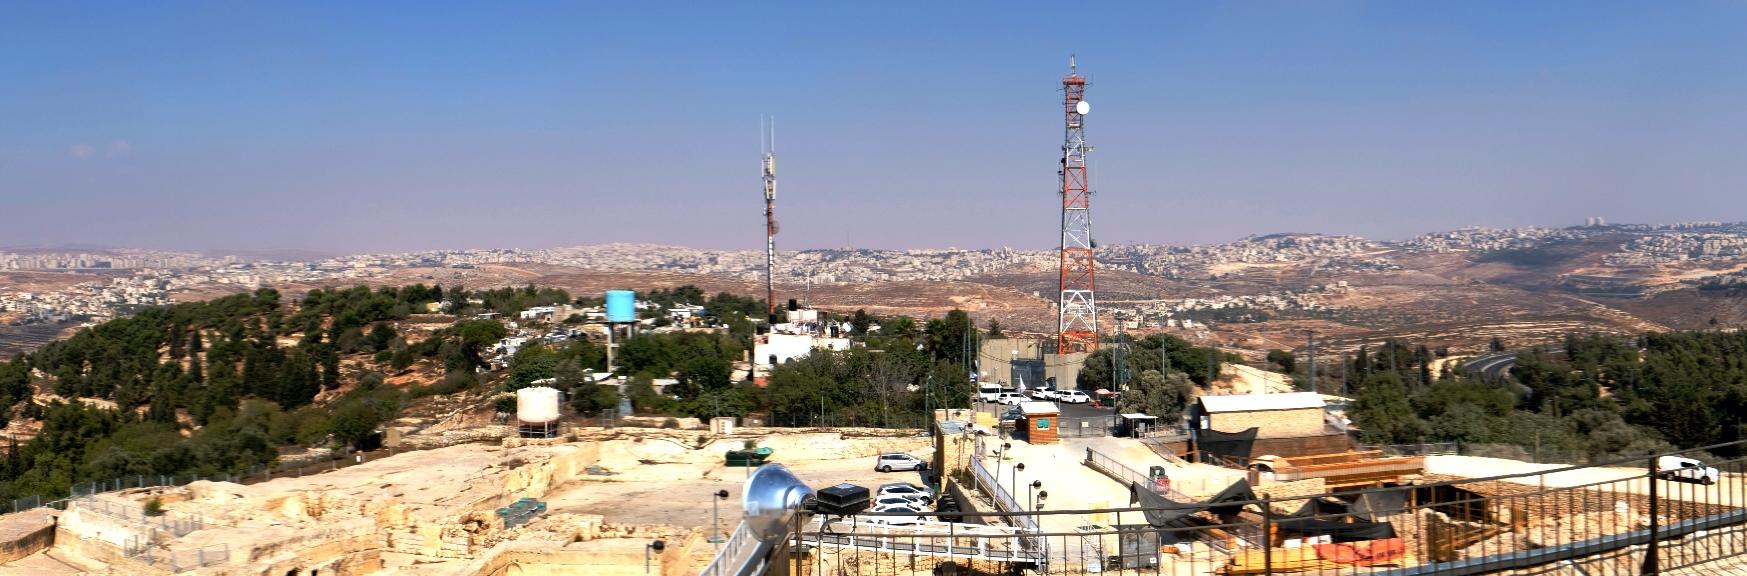 Die zwei Seiten von Nabi Samwil: Vorn die Grabungsstätte, hinten das aus Blechhütten und Verschlägen errichtete neue Dorf, dazwischen ein mit Kameras und Mikrofonen versehener israelischer Wachturm. Foto © EAPPI